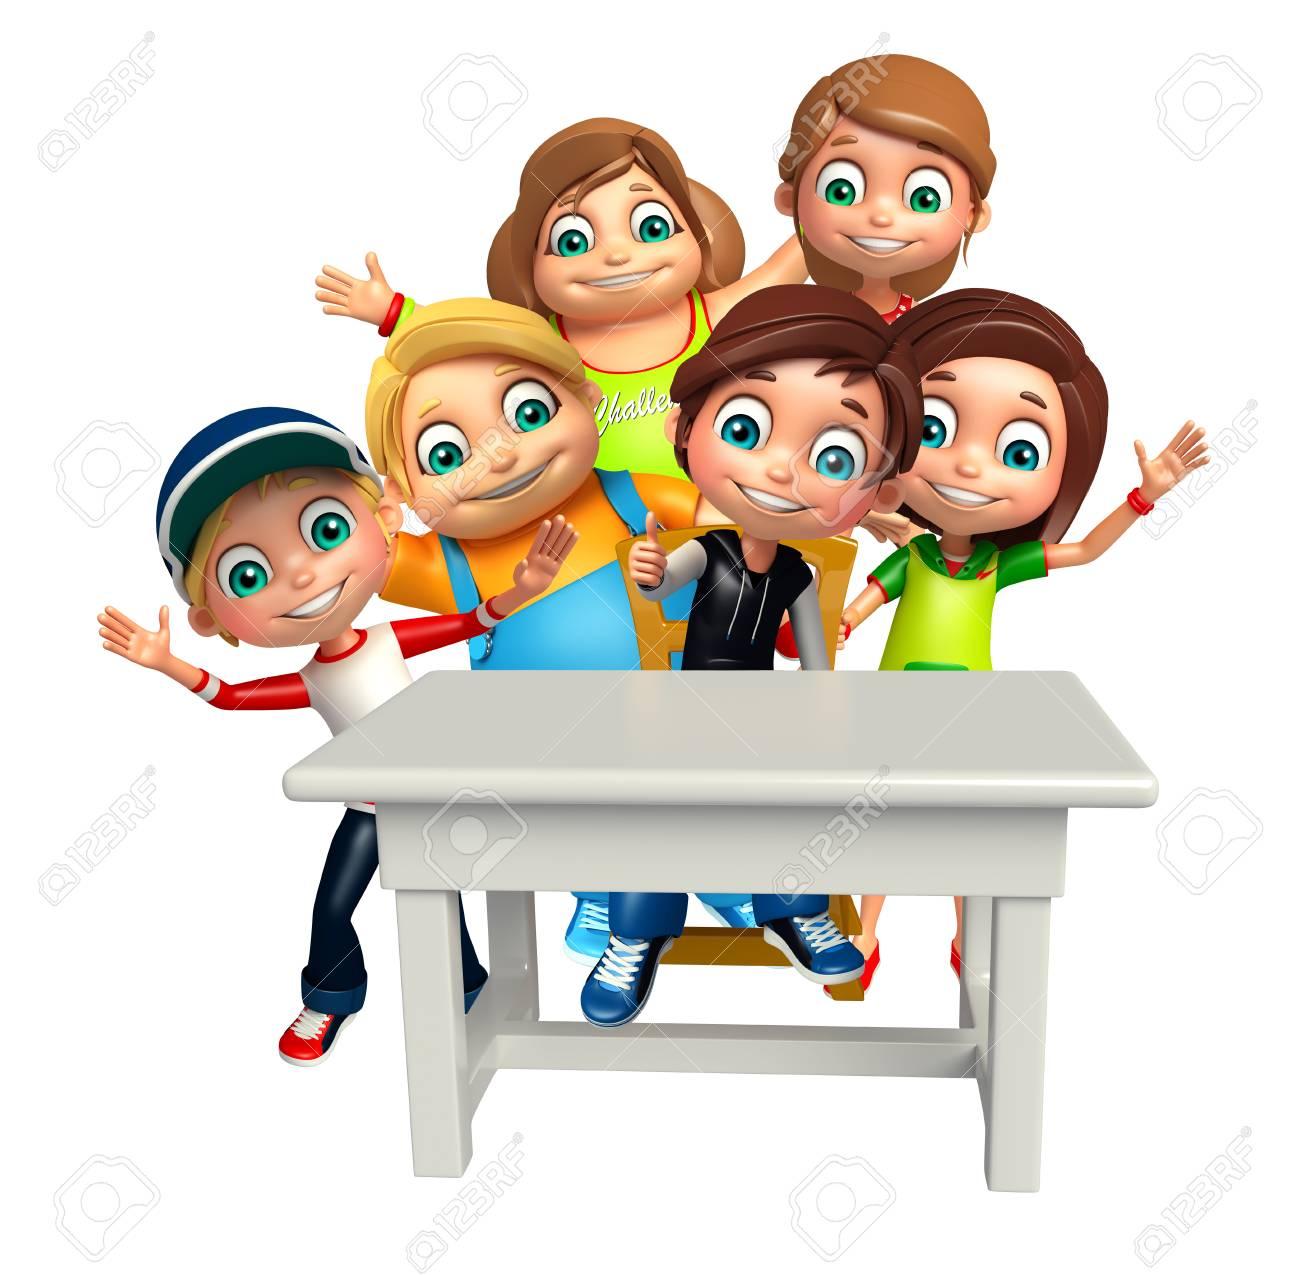 Enfant Fille Et Enfant Garçon Avec Table Et Chaise Banque Dimages